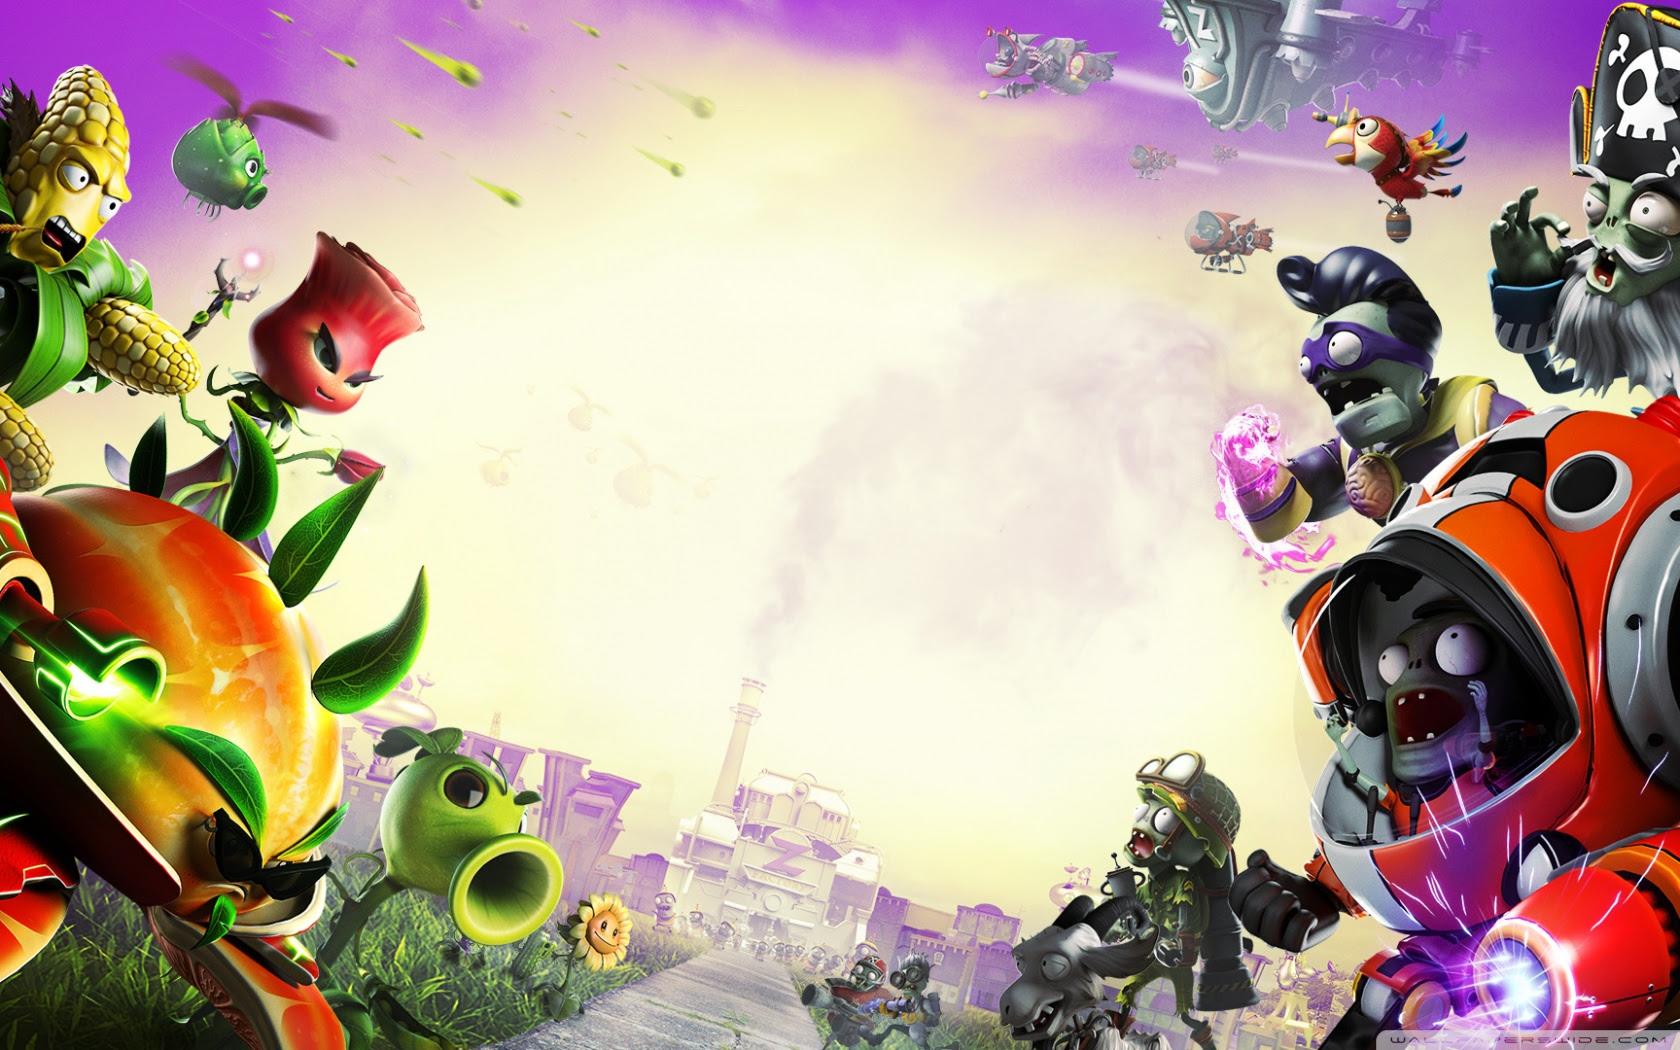 Plants Vs Zombies Garden Warfare 2 Ultra Hd Desktop Background